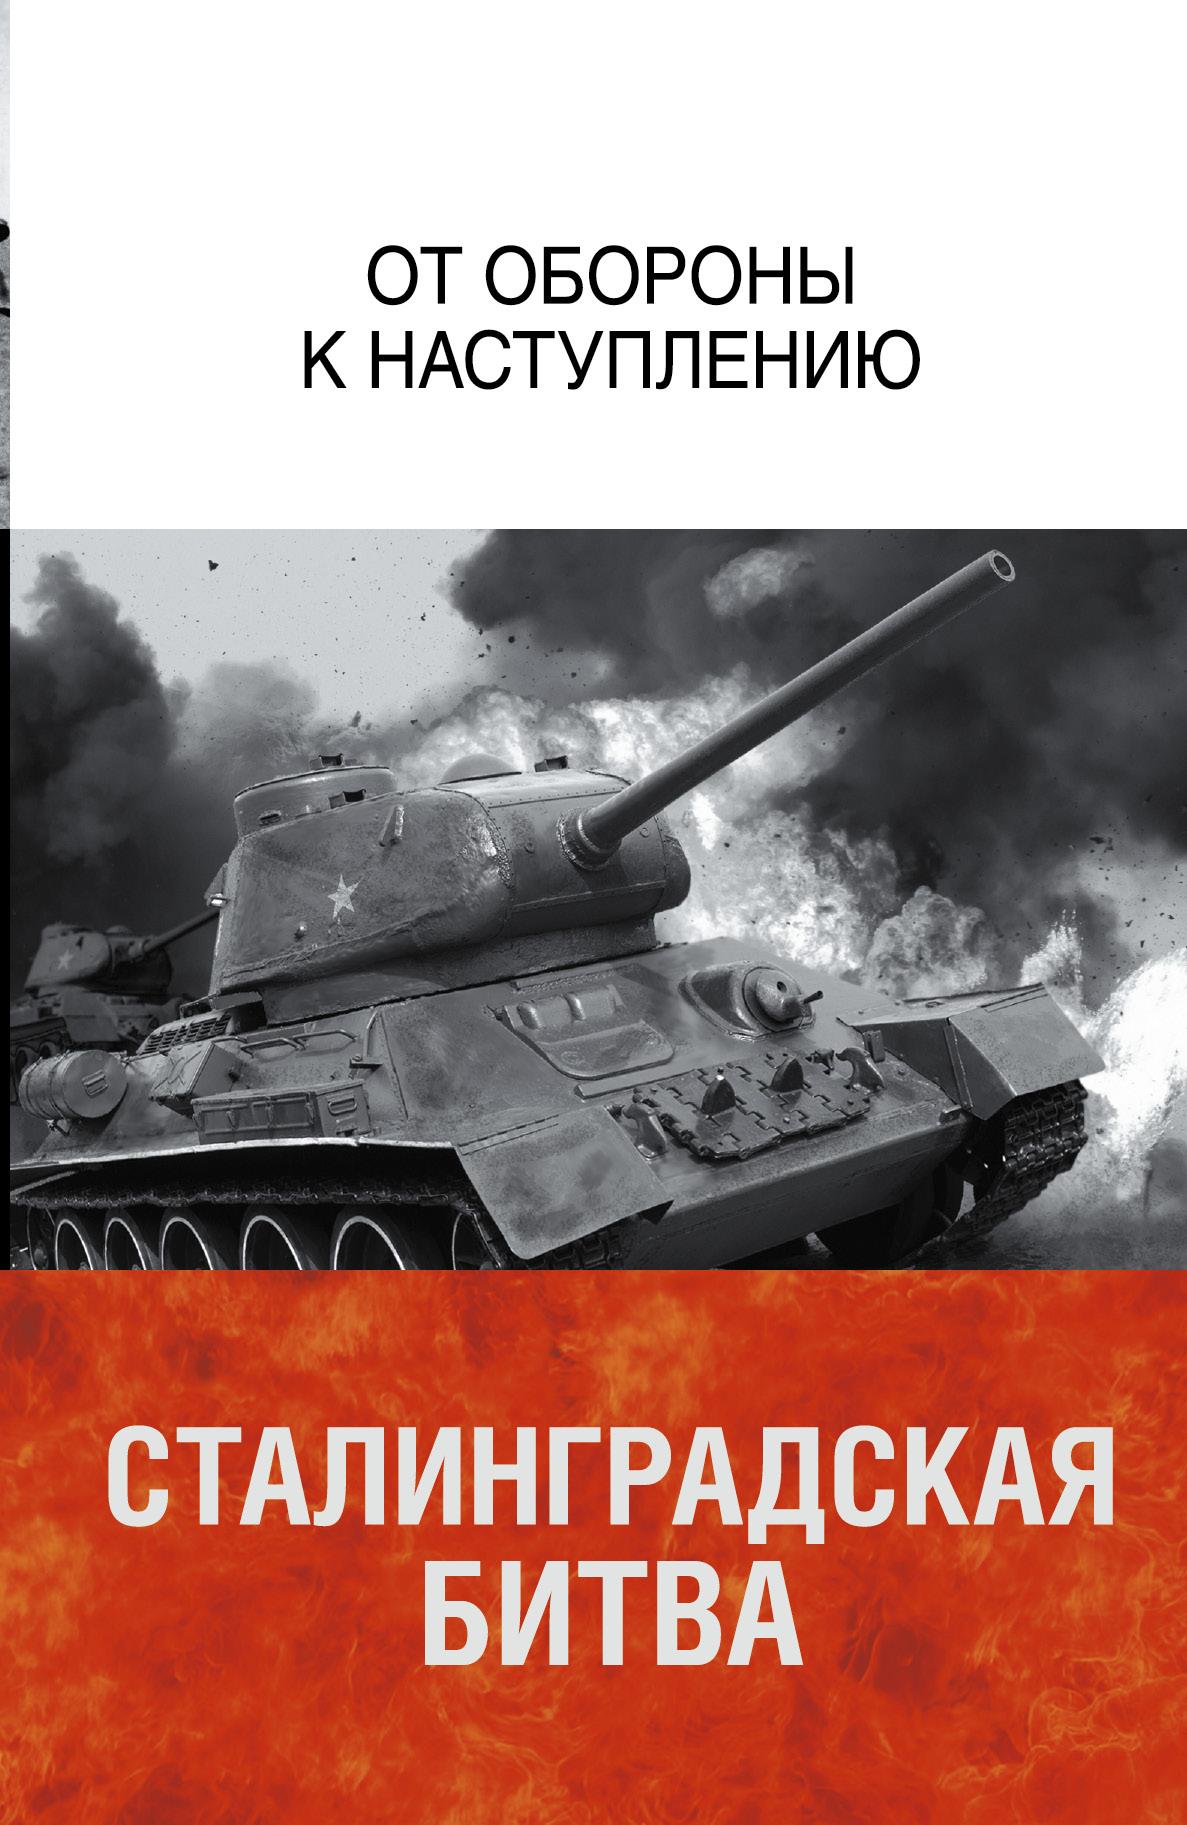 Сталинградская битва. От обороны к наступлению